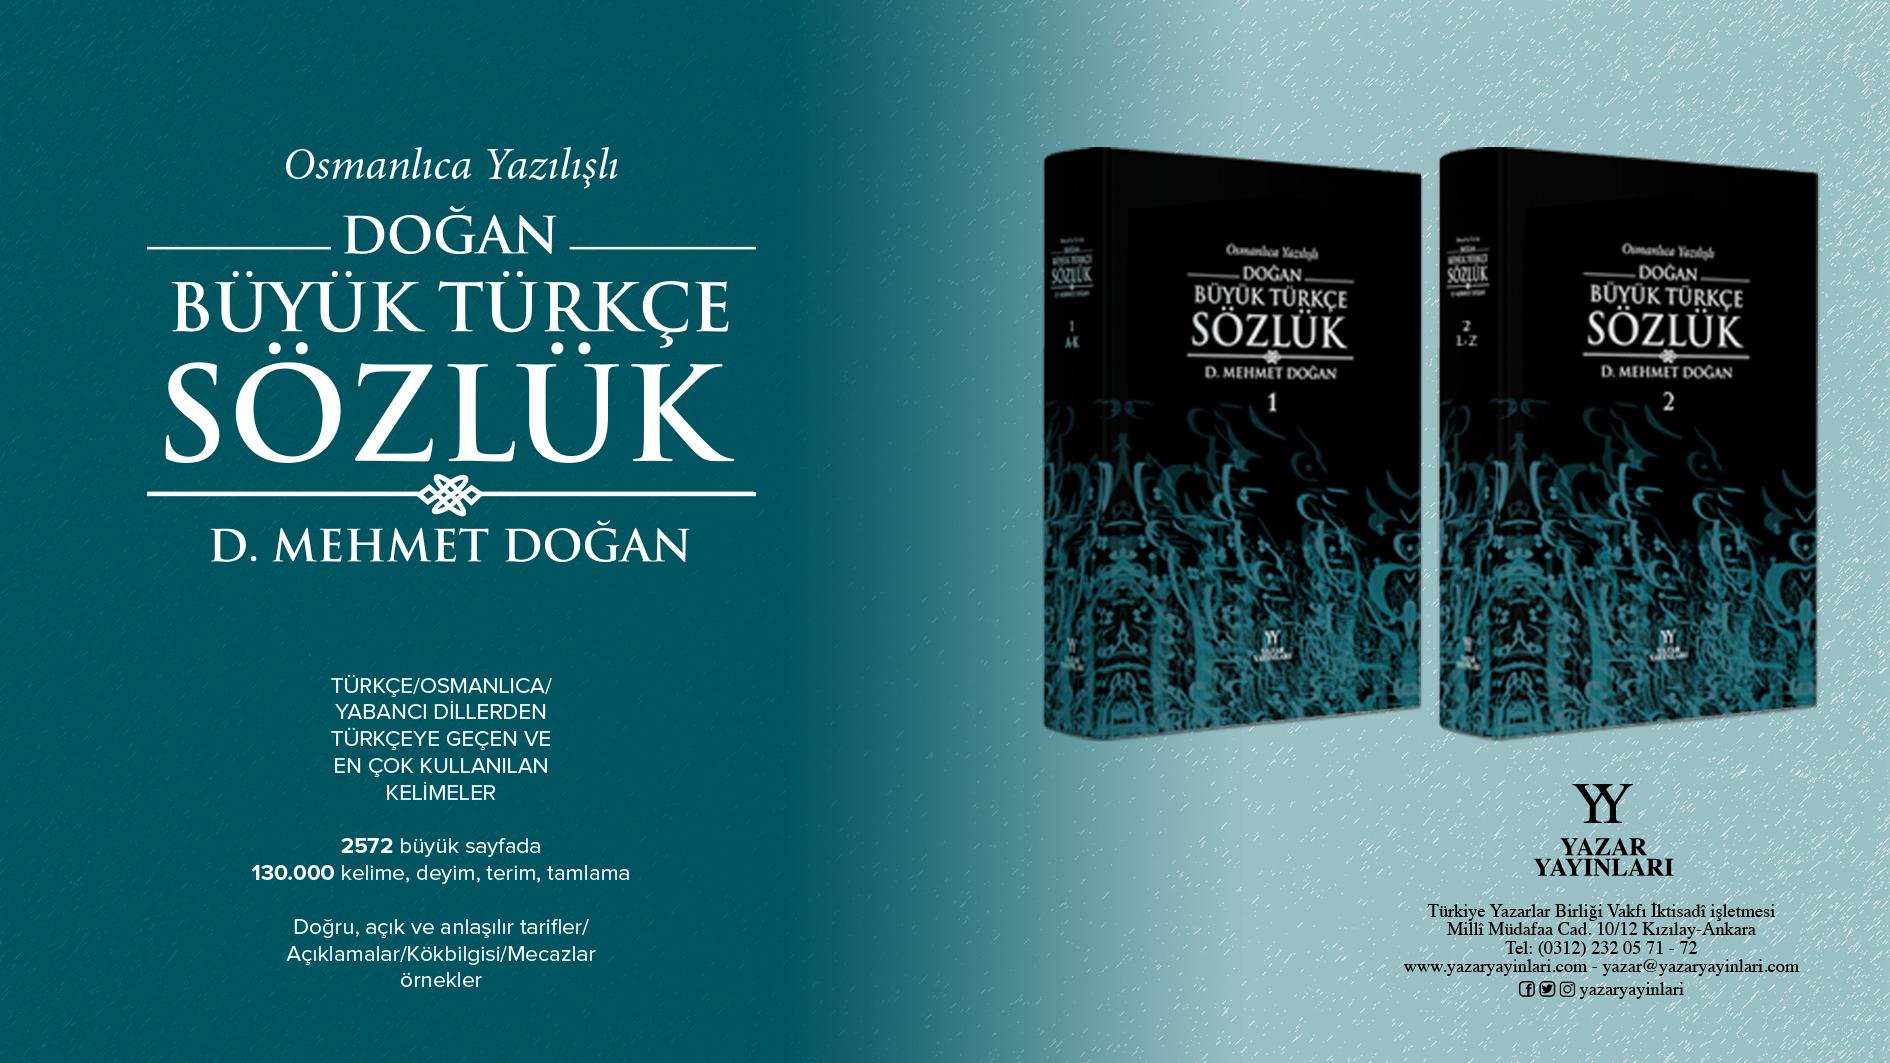 Osmanlıca Yazılışlı Doğan Büyük Türkçe Sözlük yayınlandı!